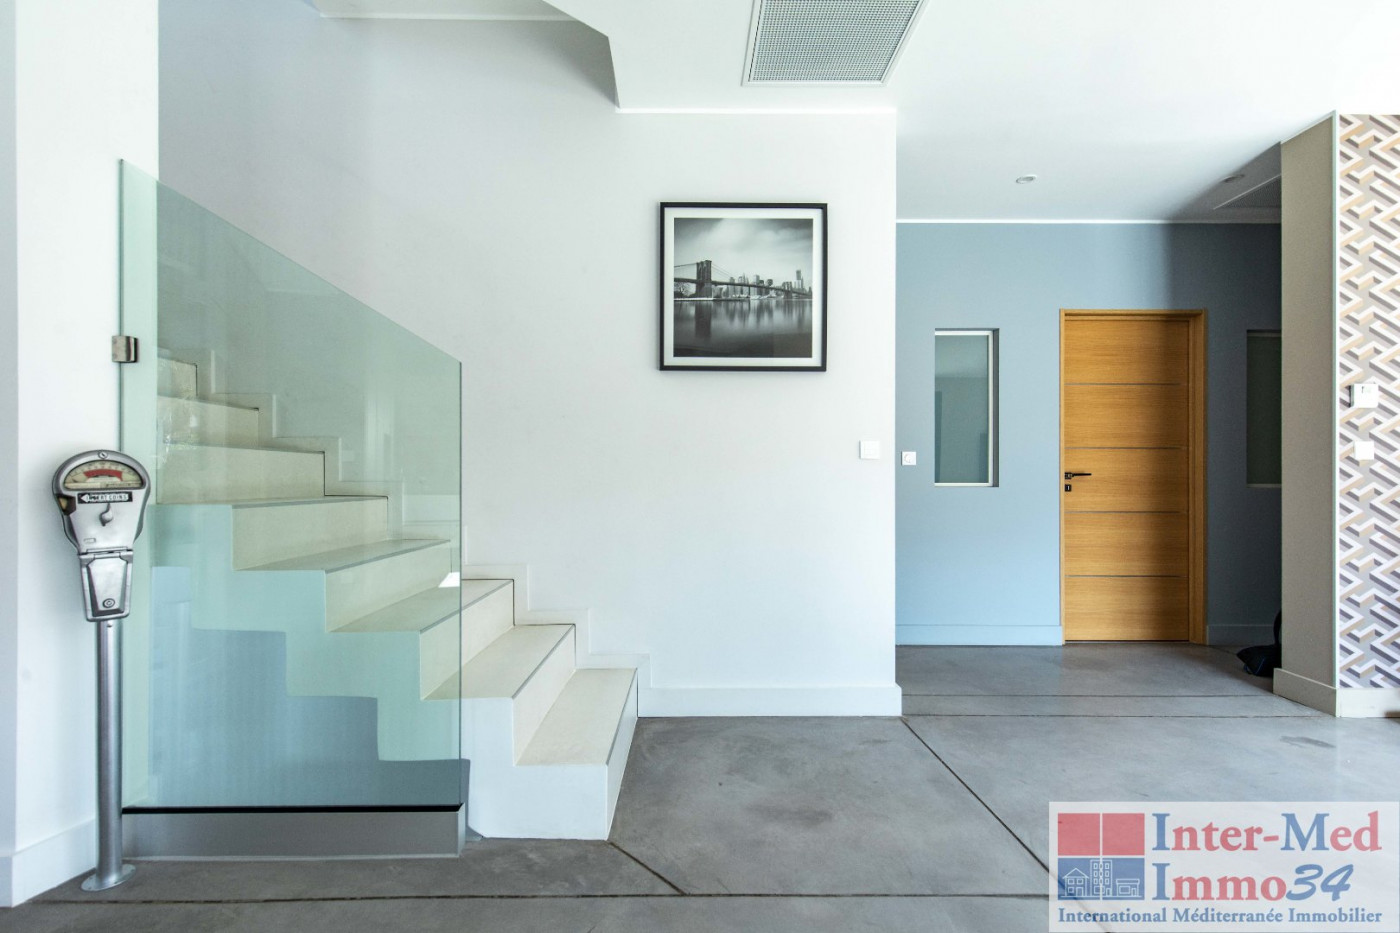 A vendre  Agde | Réf 3458242988 - Inter-med-immo34